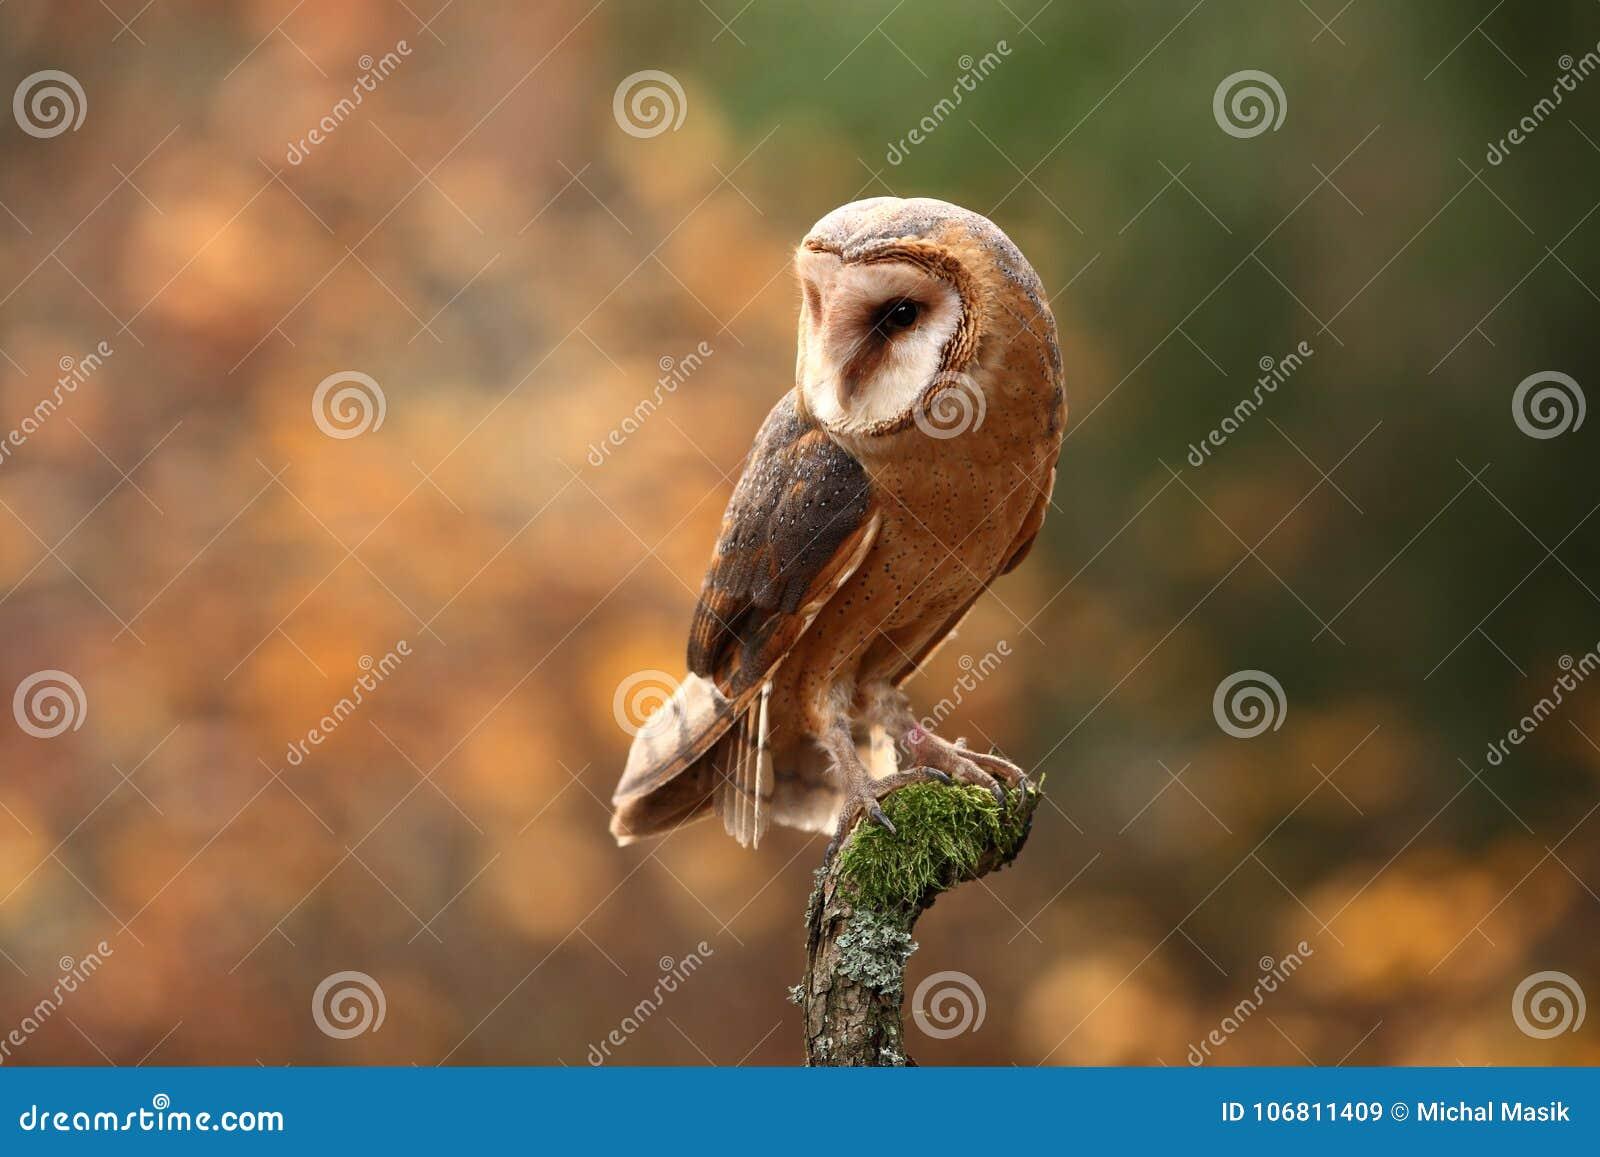 Tyto alba. Autumn nature. Wild nature of Czech. Owl in autumn nature.